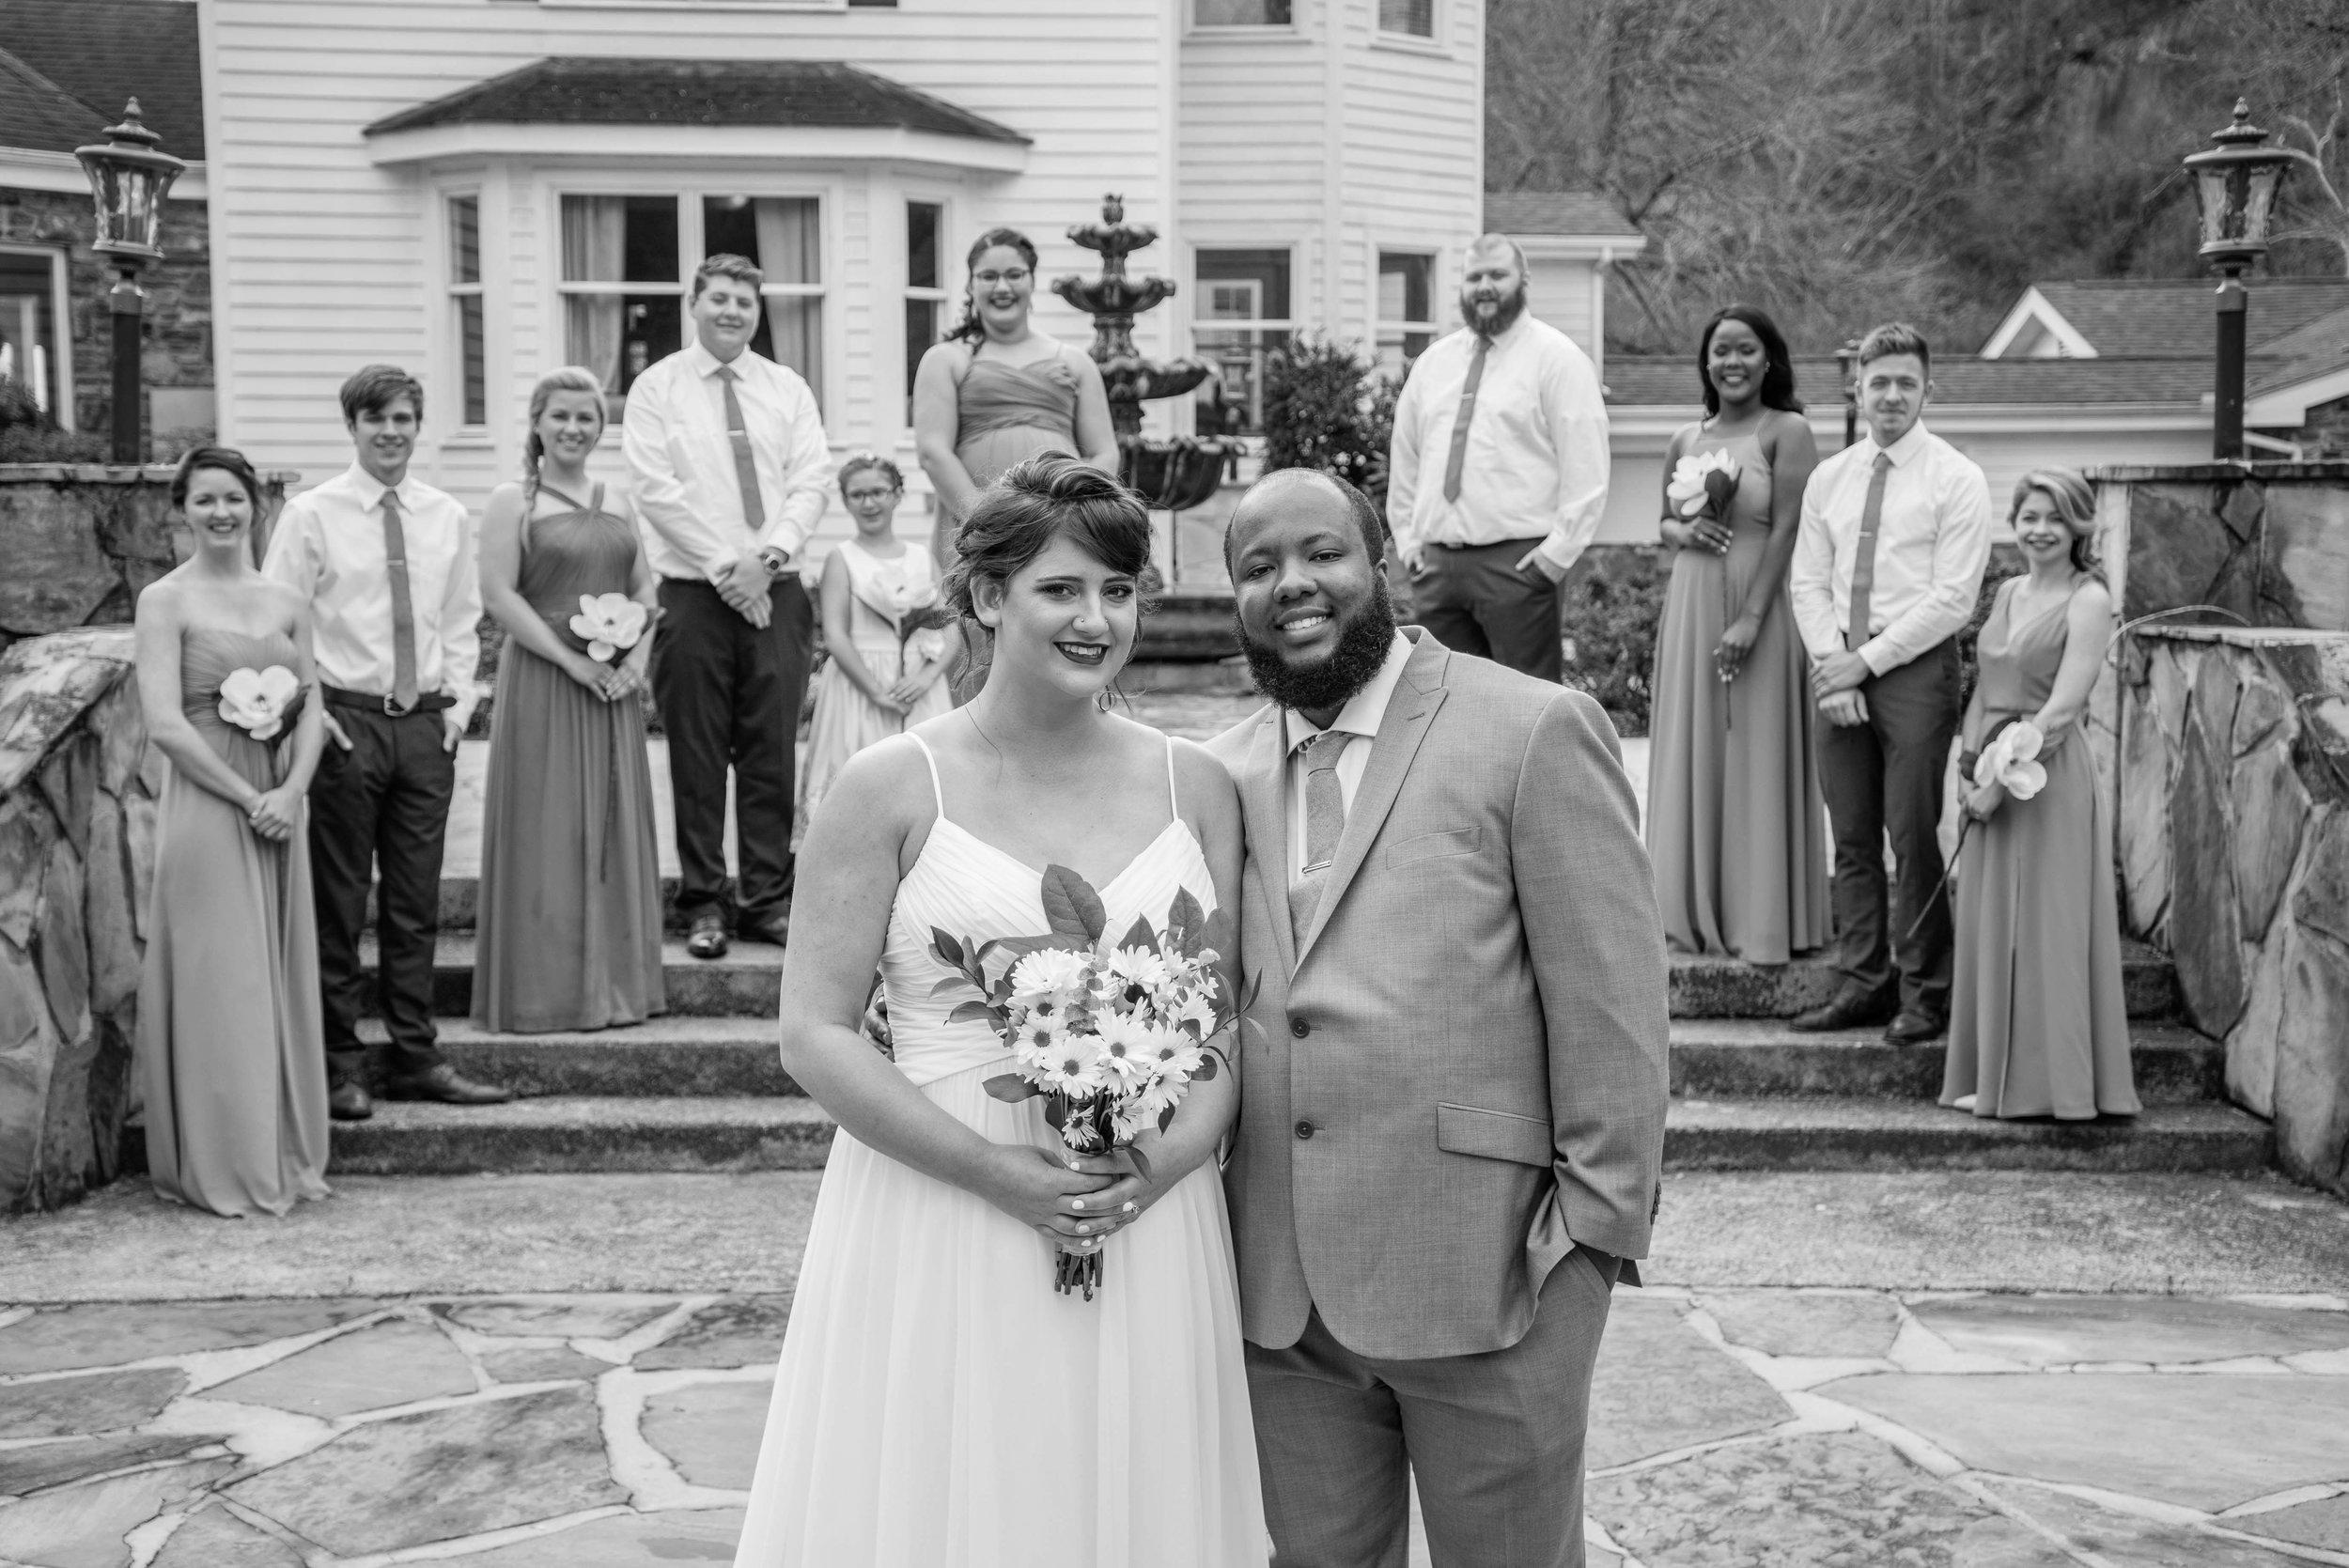 weddingpartyb&w-021.jpg